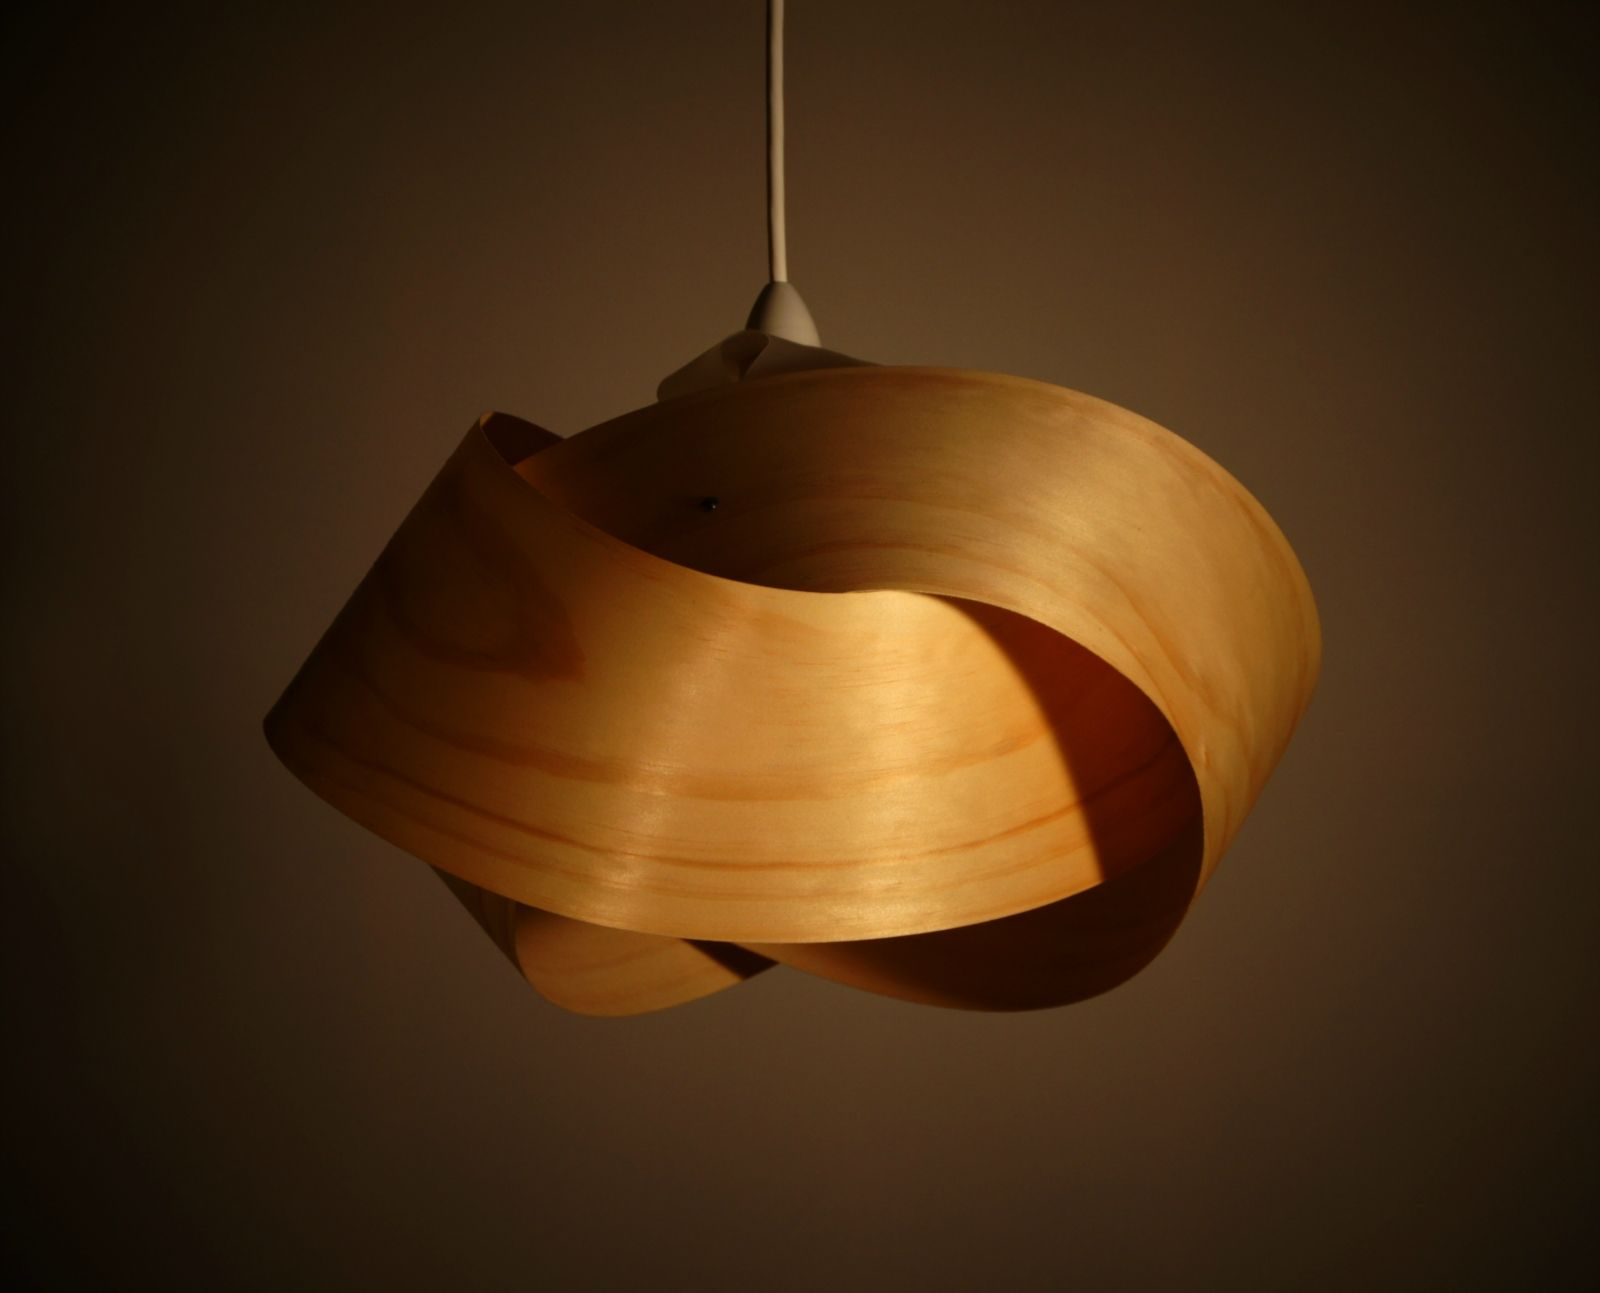 Wood Veneer Light Shade Twist Felt